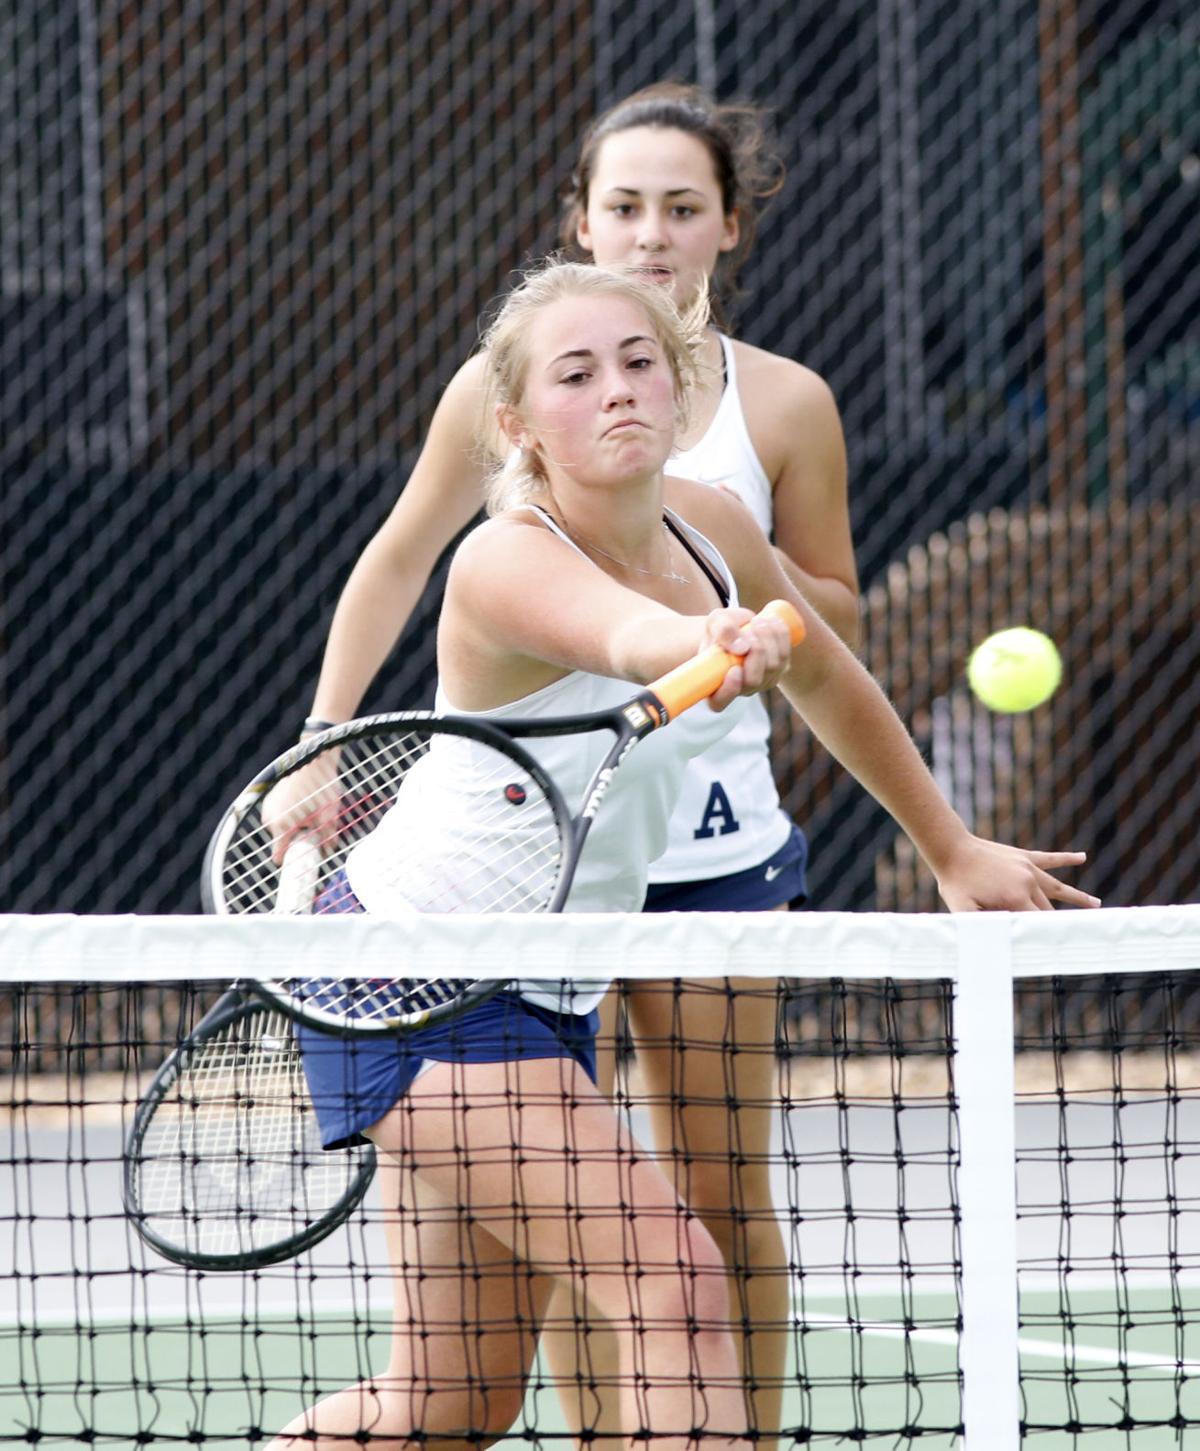 Aquinas doubles tennis